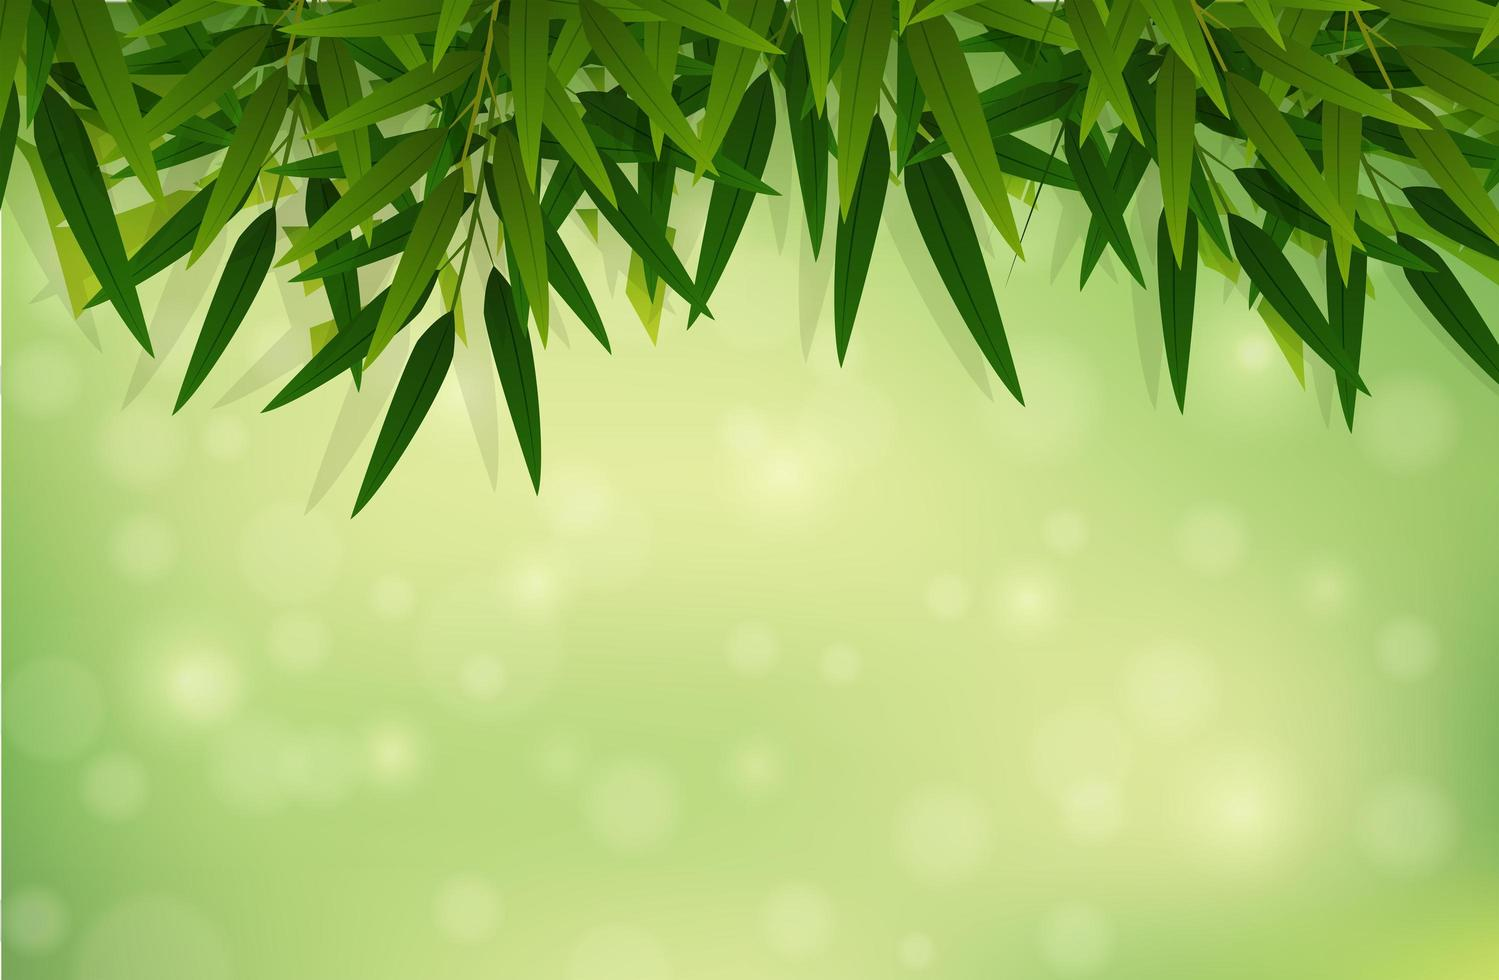 En grön bambubladbakgrund vektor